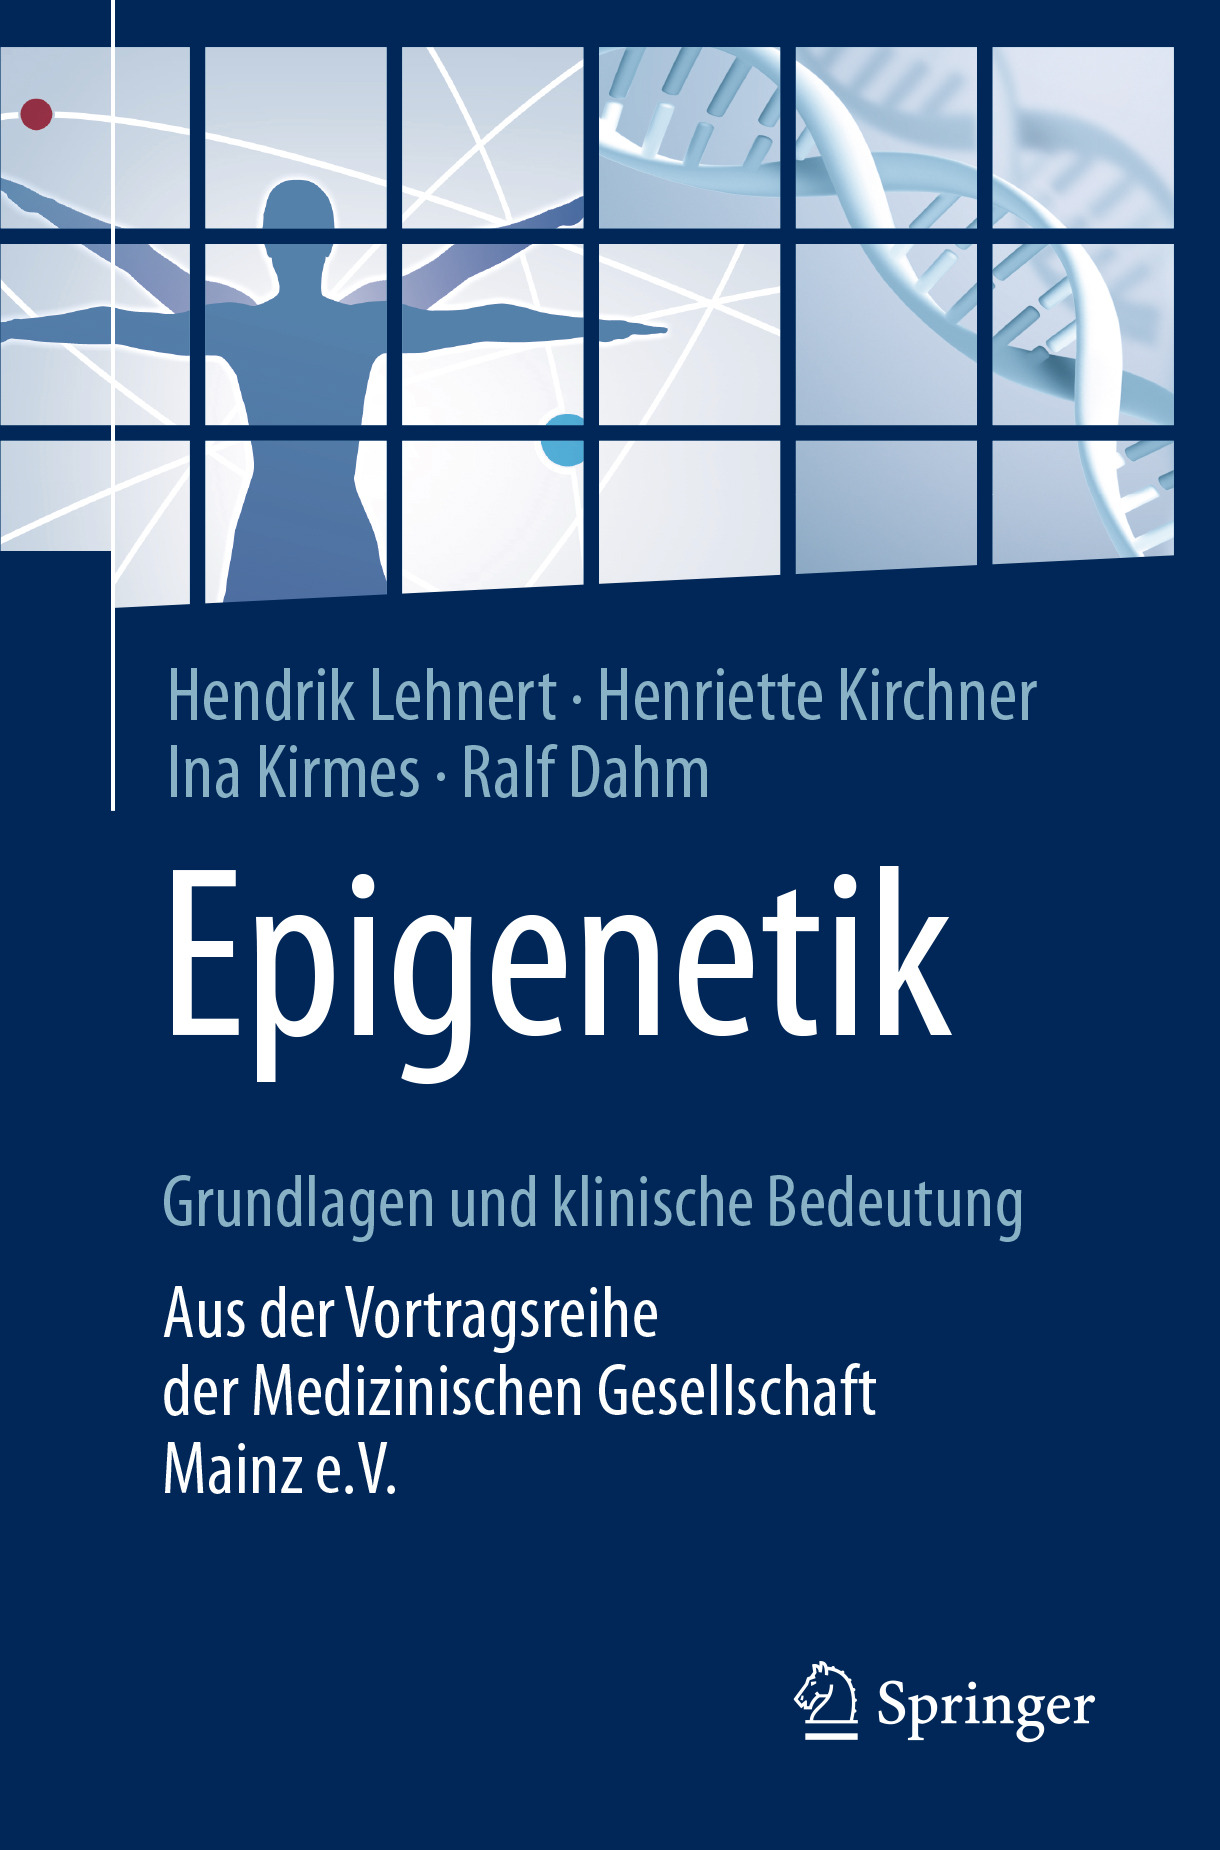 Dahm, Ralf - Epigenetik – Grundlagen und klinische Bedeutung, ebook